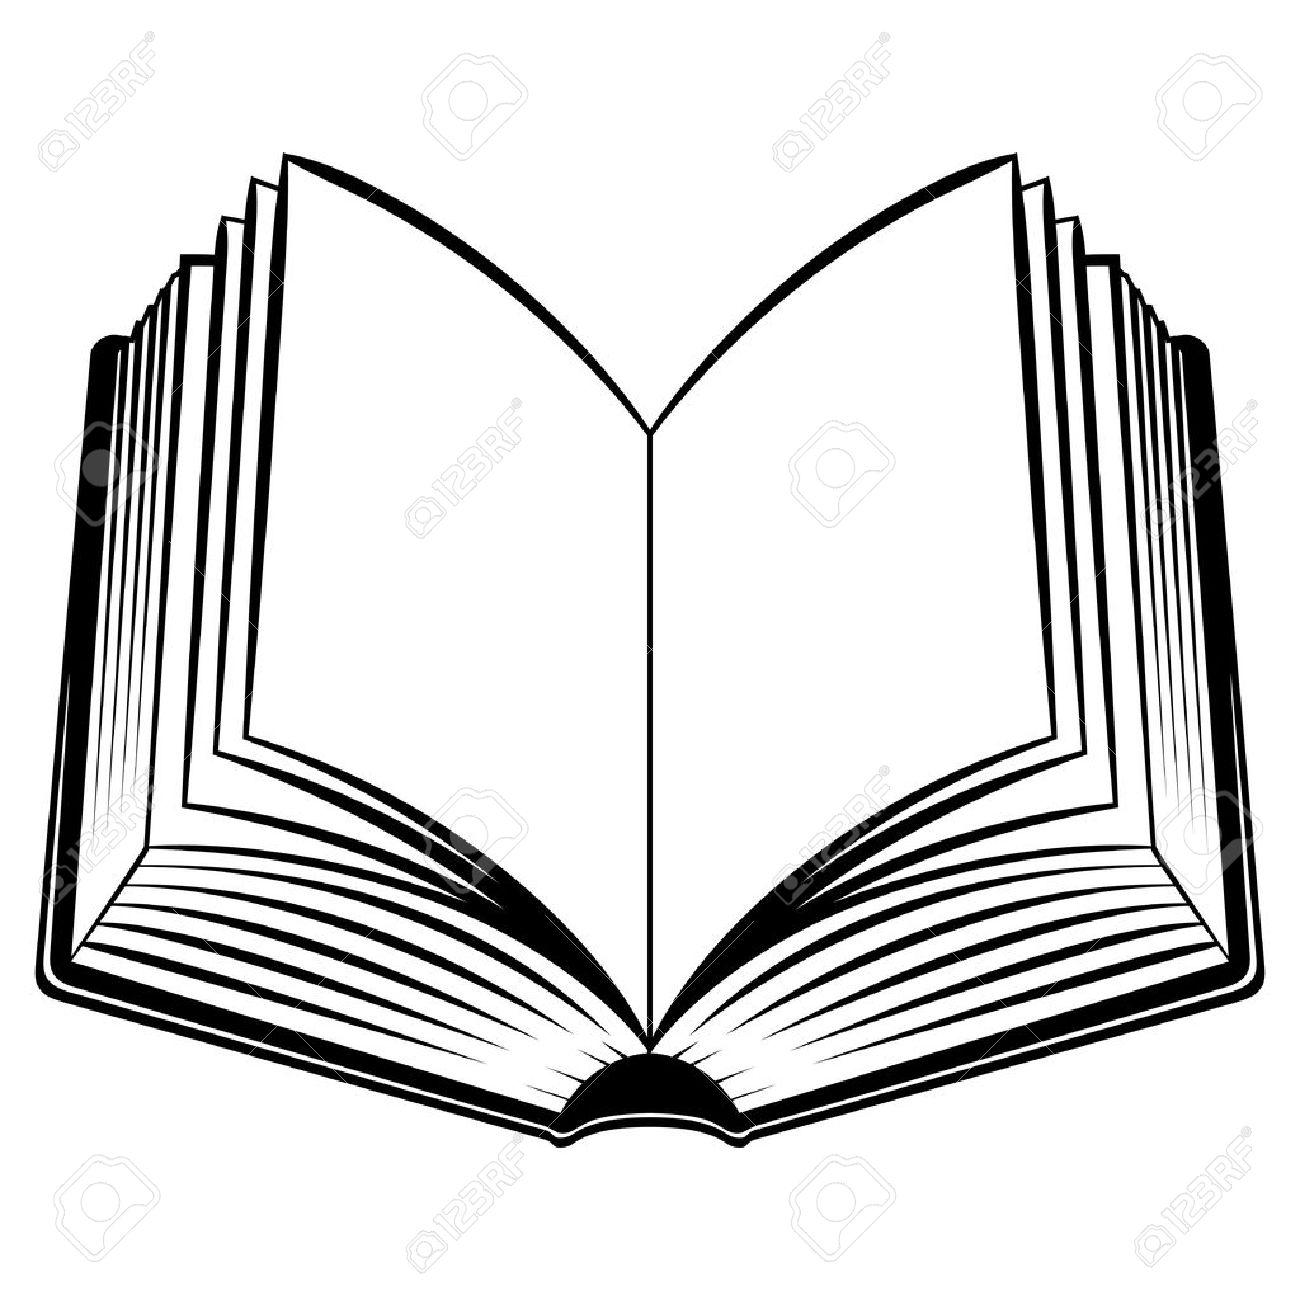 Libro Abierto Ilustración En Blanco Y Negro Para El Diseño Ilustraciones Vectoriales Clip Art Vectorizado Libre De Derechos Image 13776636